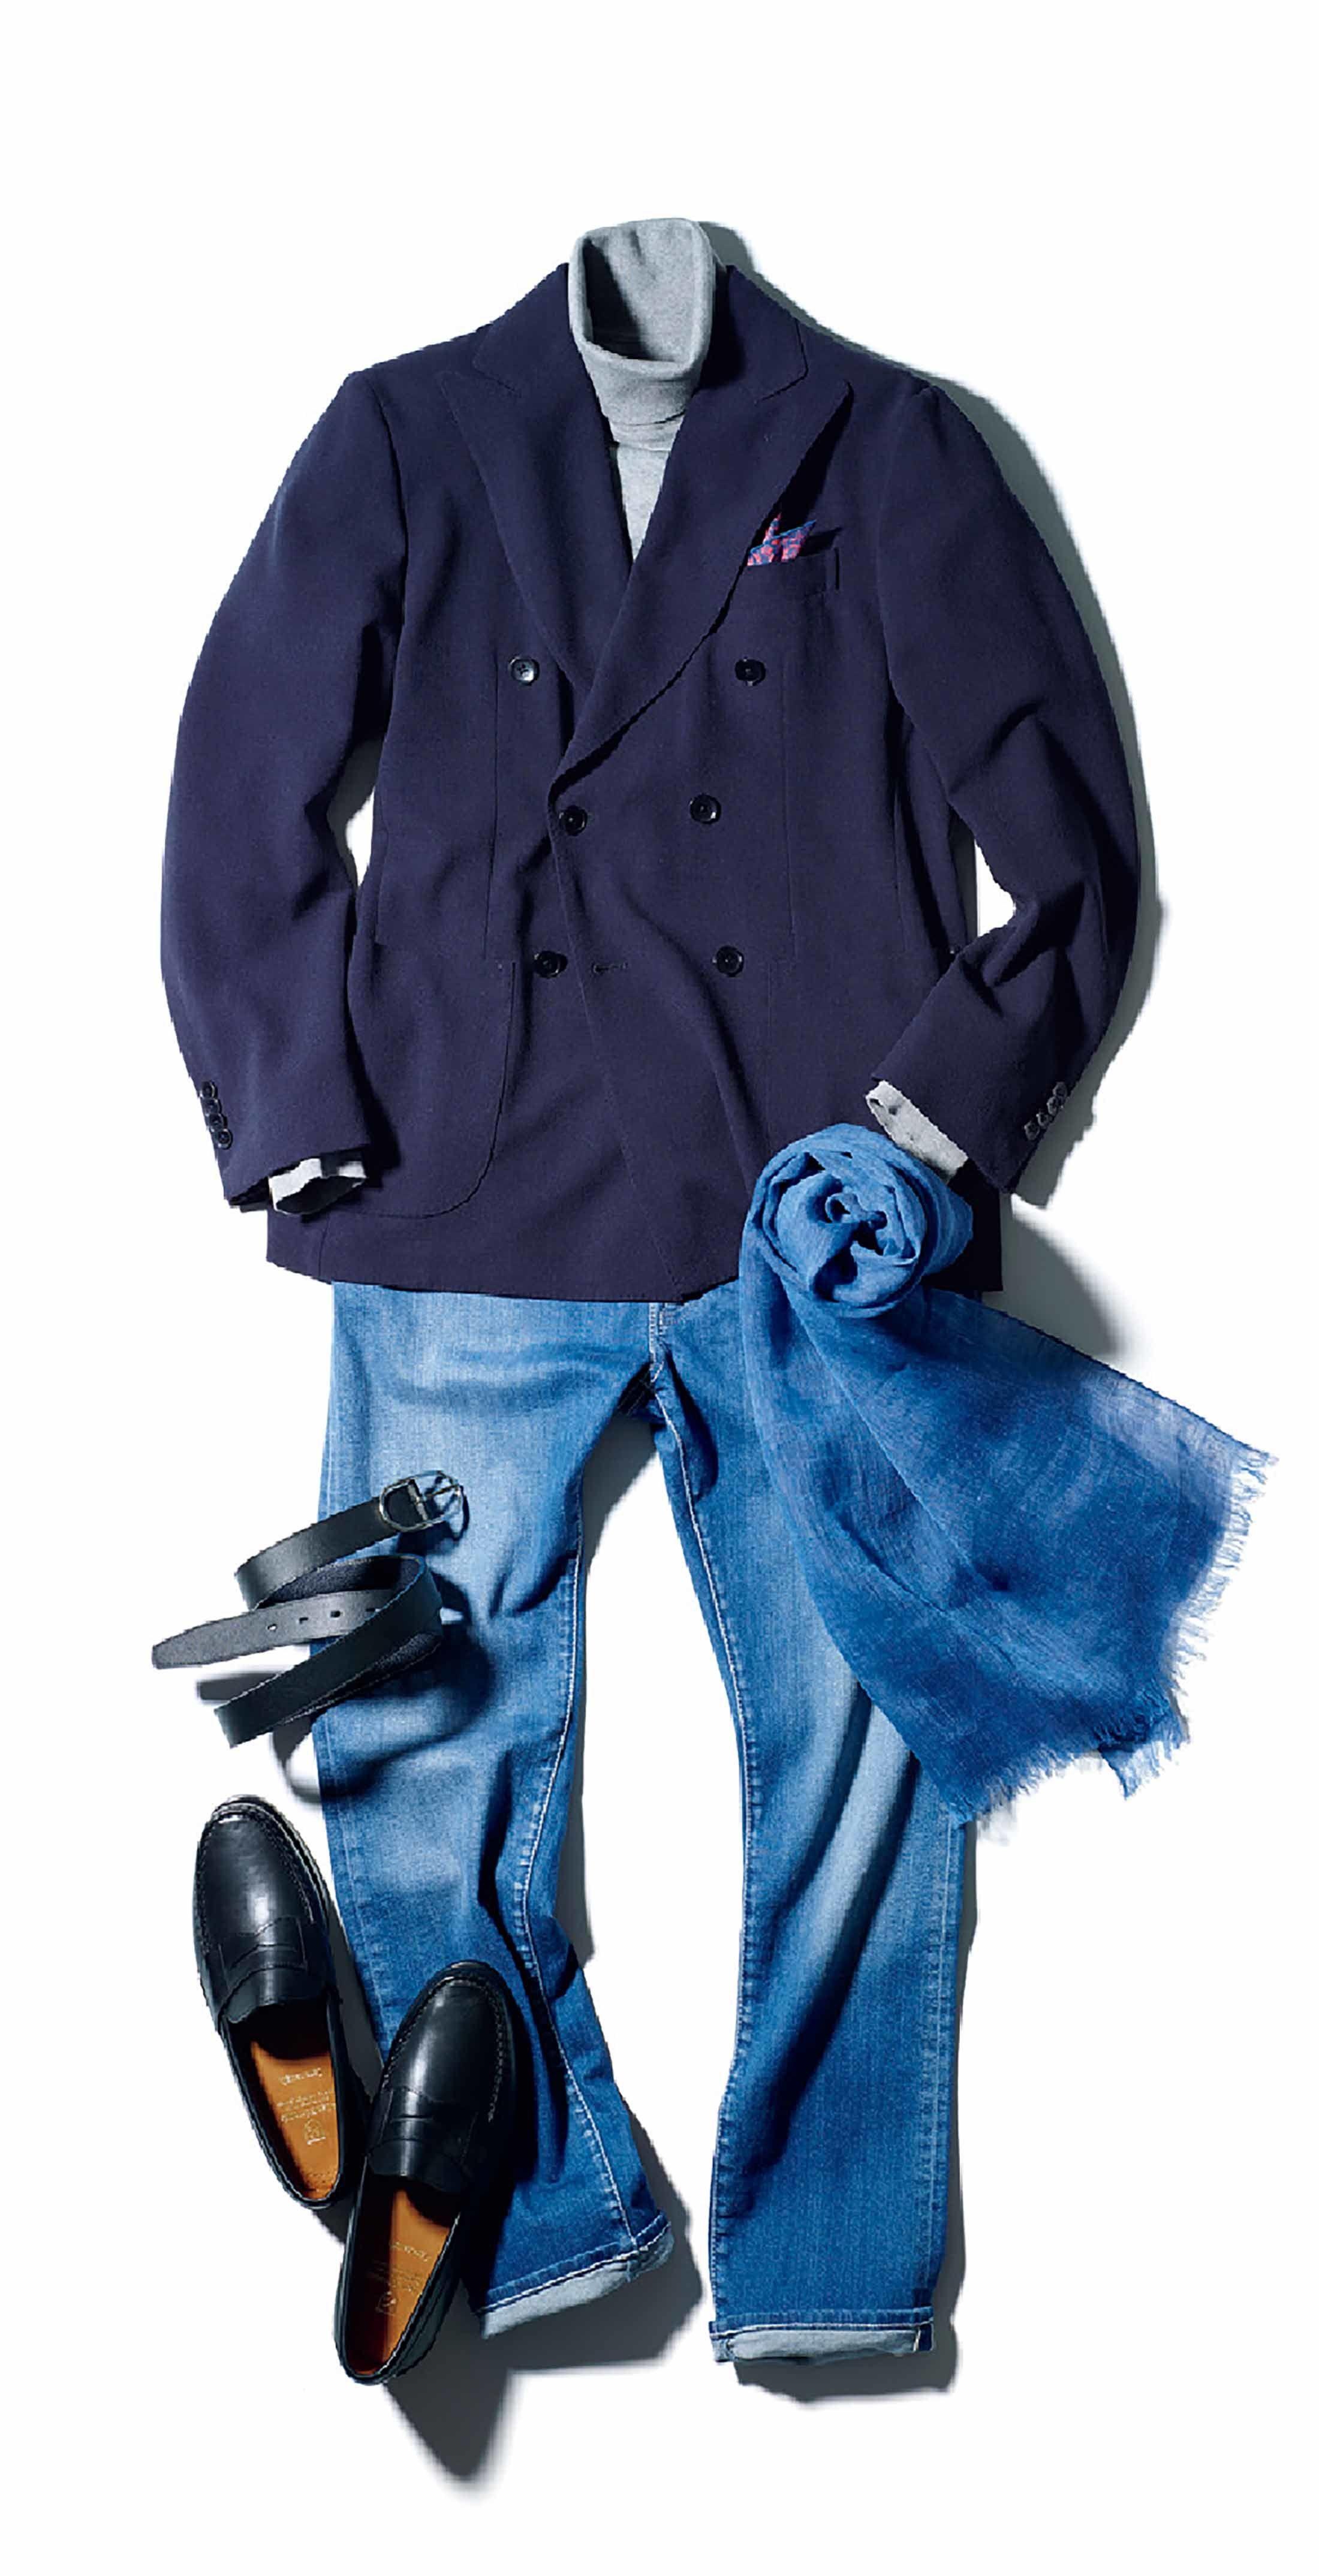 【5】デニム×ネイビージャケットをフレンチ風に楽しむ